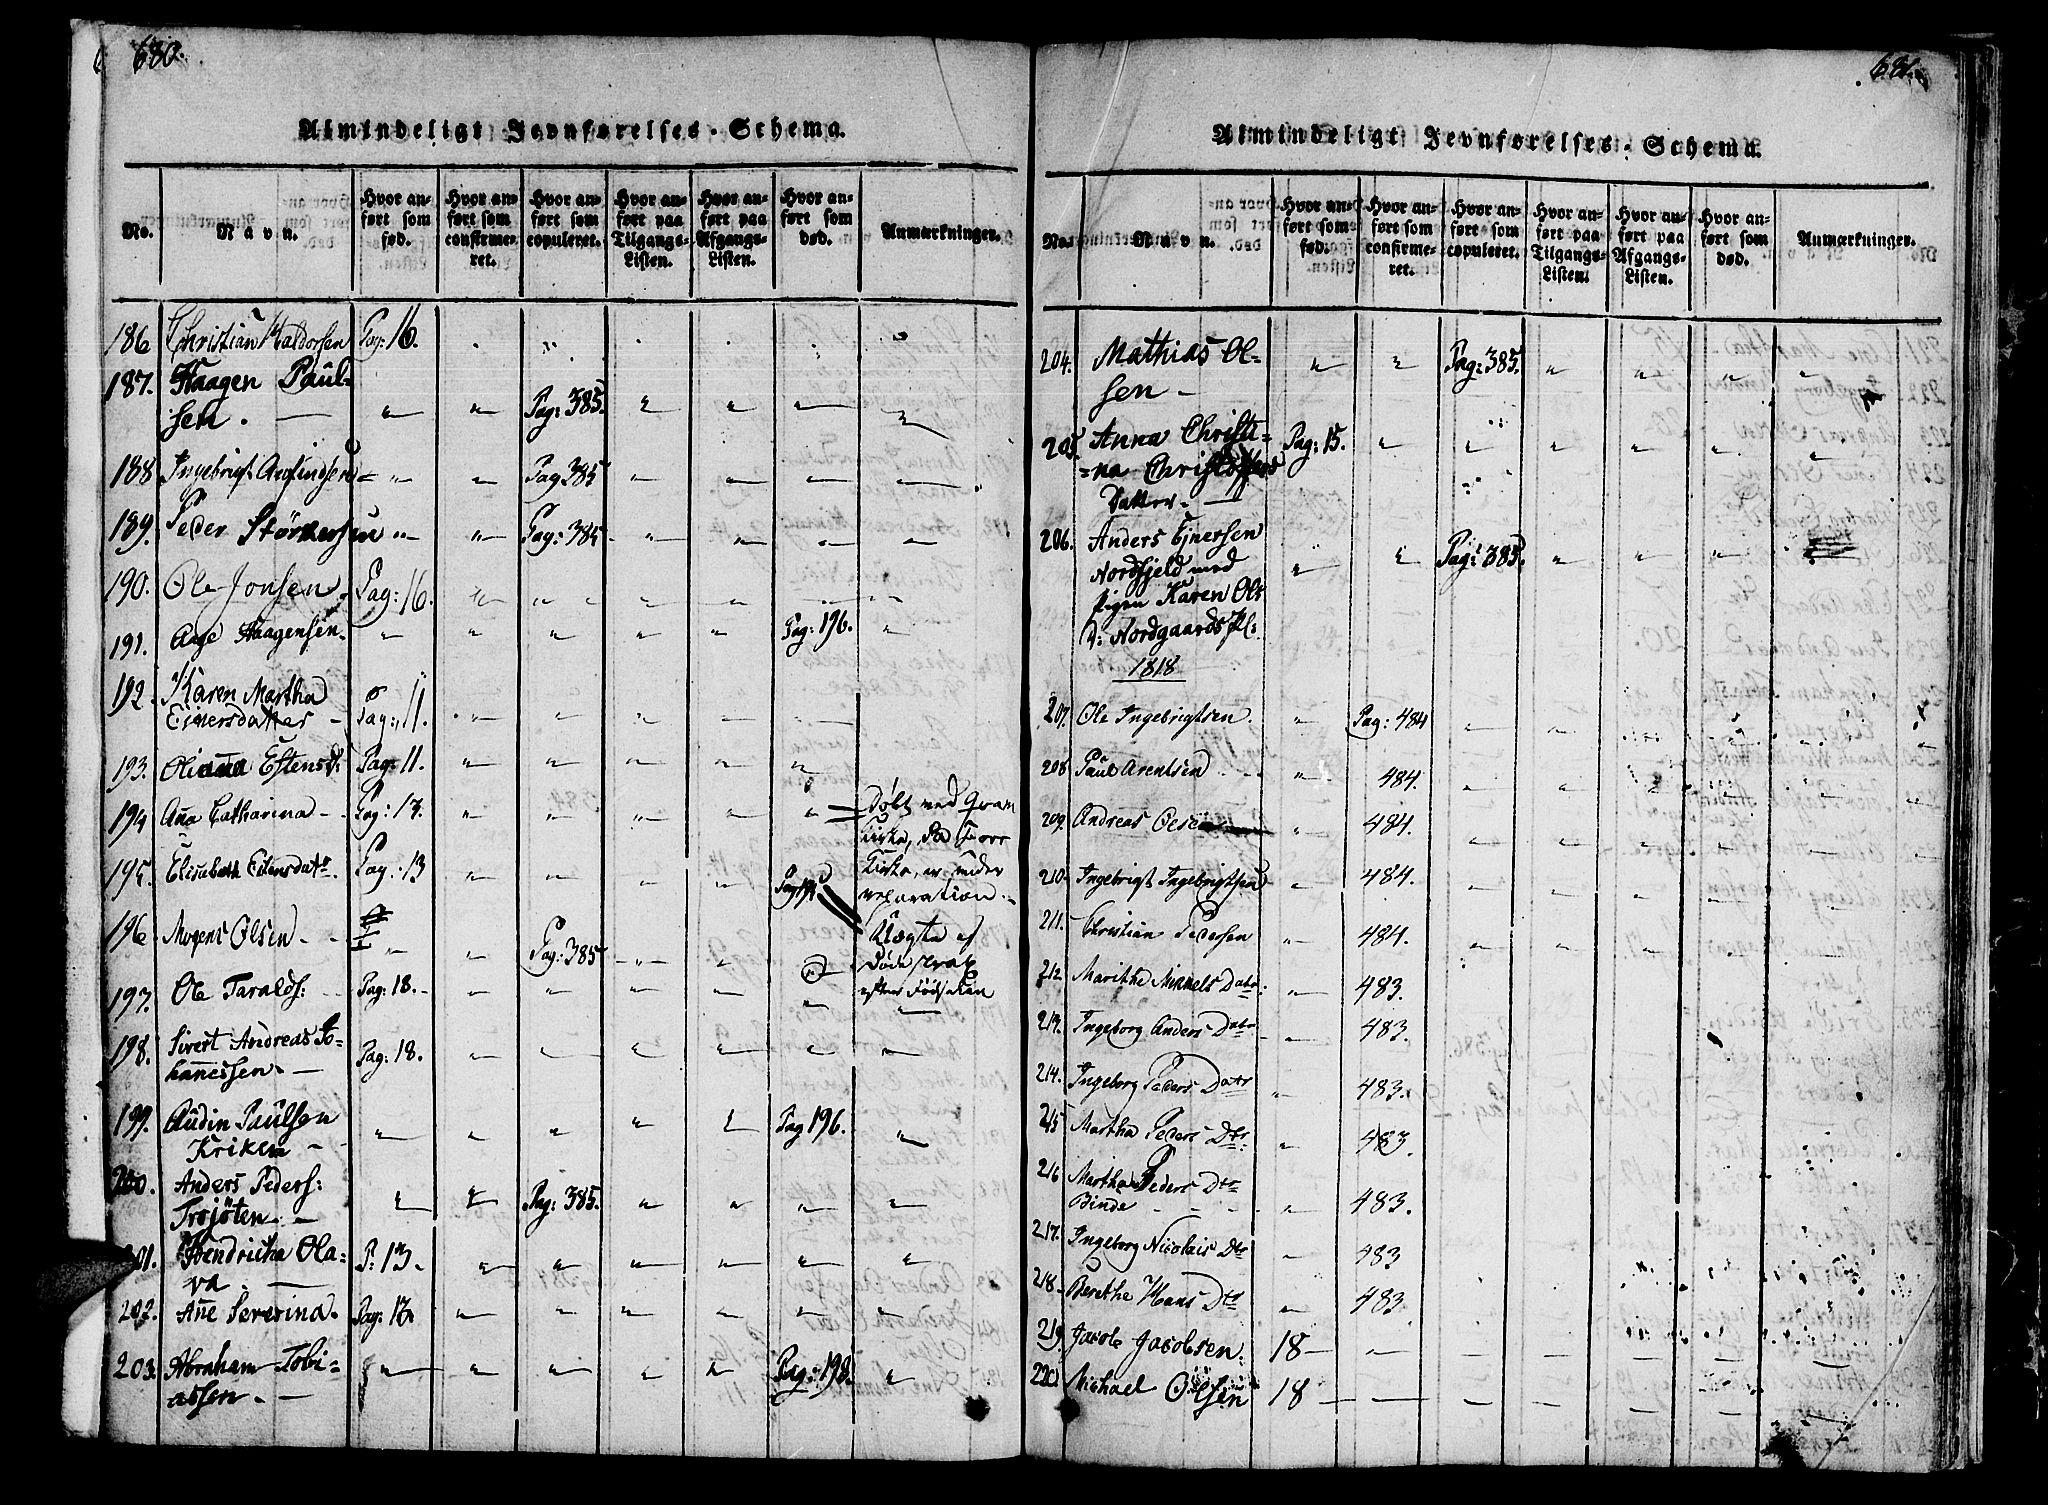 SAT, Ministerialprotokoller, klokkerbøker og fødselsregistre - Nord-Trøndelag, 746/L0441: Ministerialbok nr. 746A03 /1, 1816-1827, s. 680-681